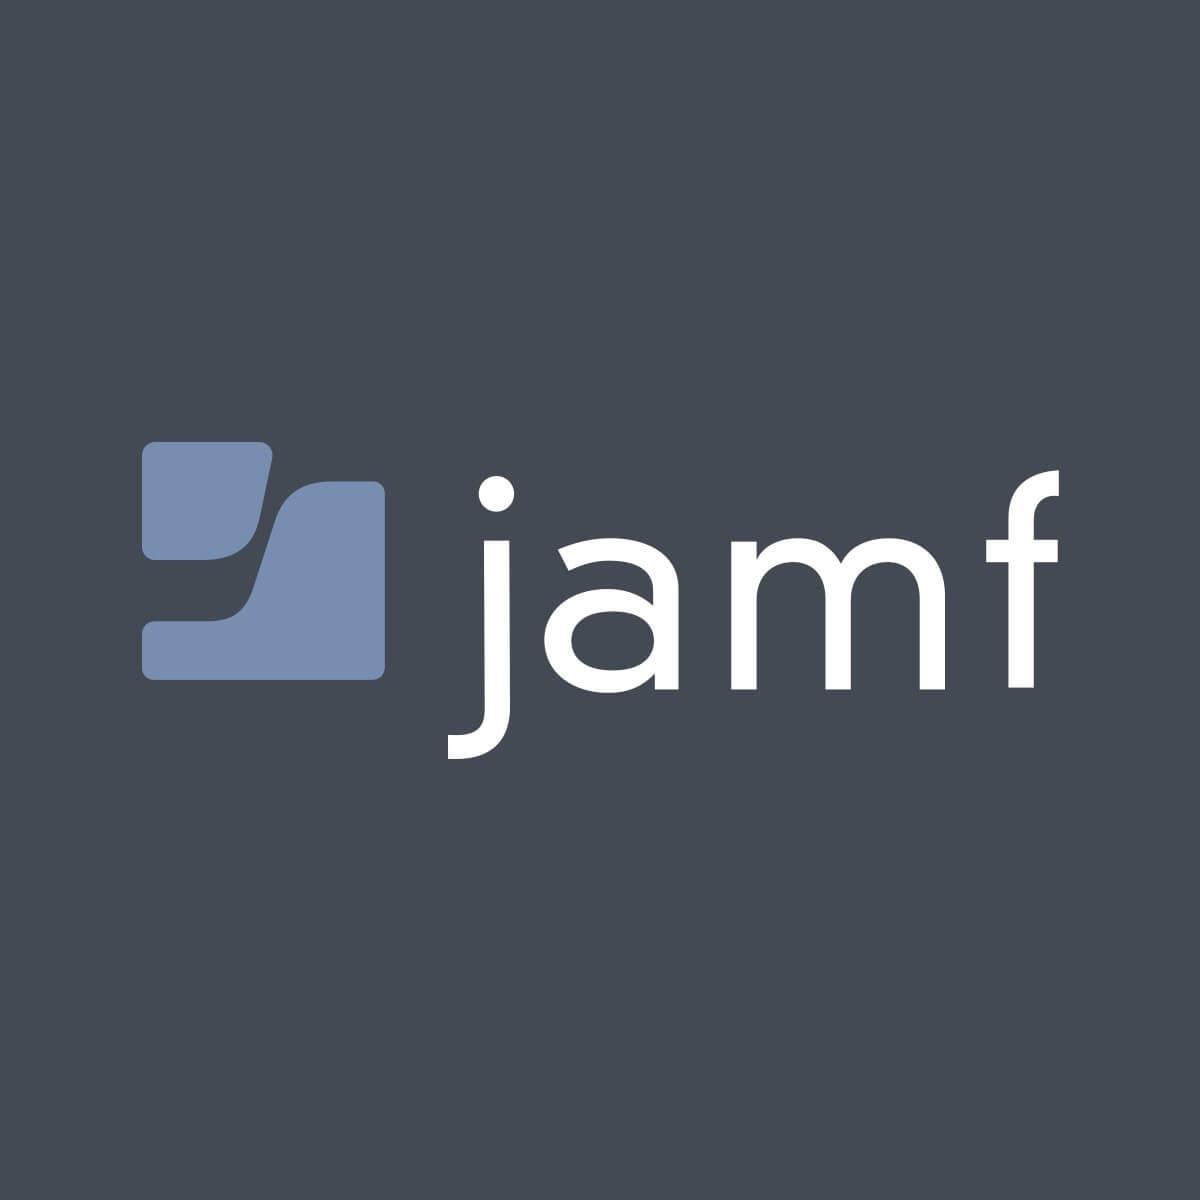 jamf-og-image